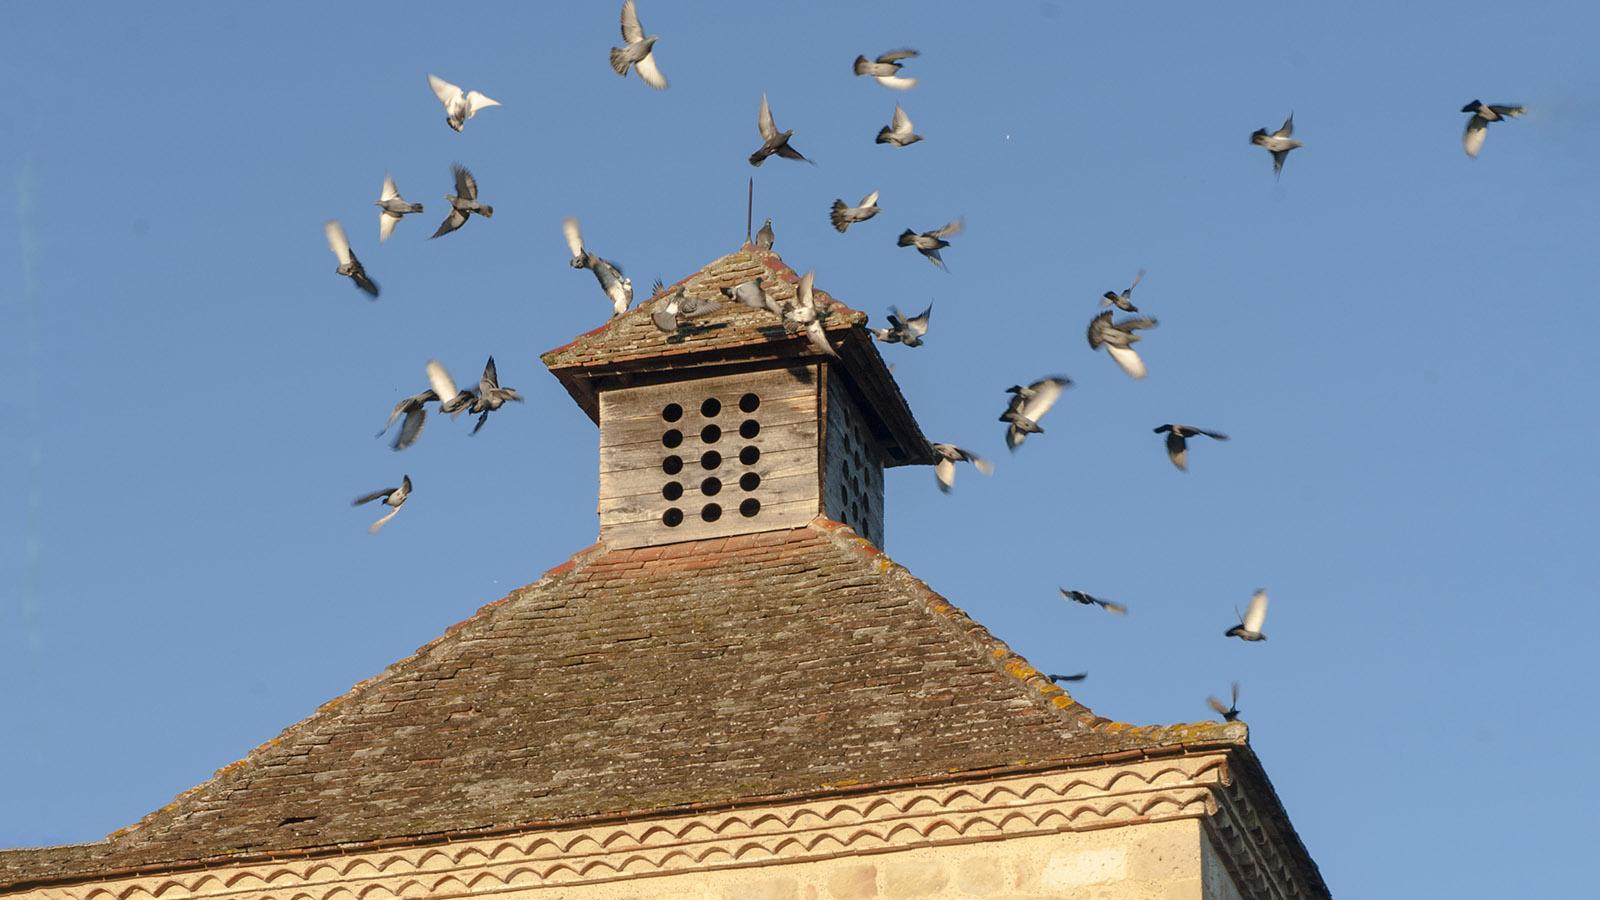 Der Taubenturm von Kloster Flaran. Foto: Hilke Maunder